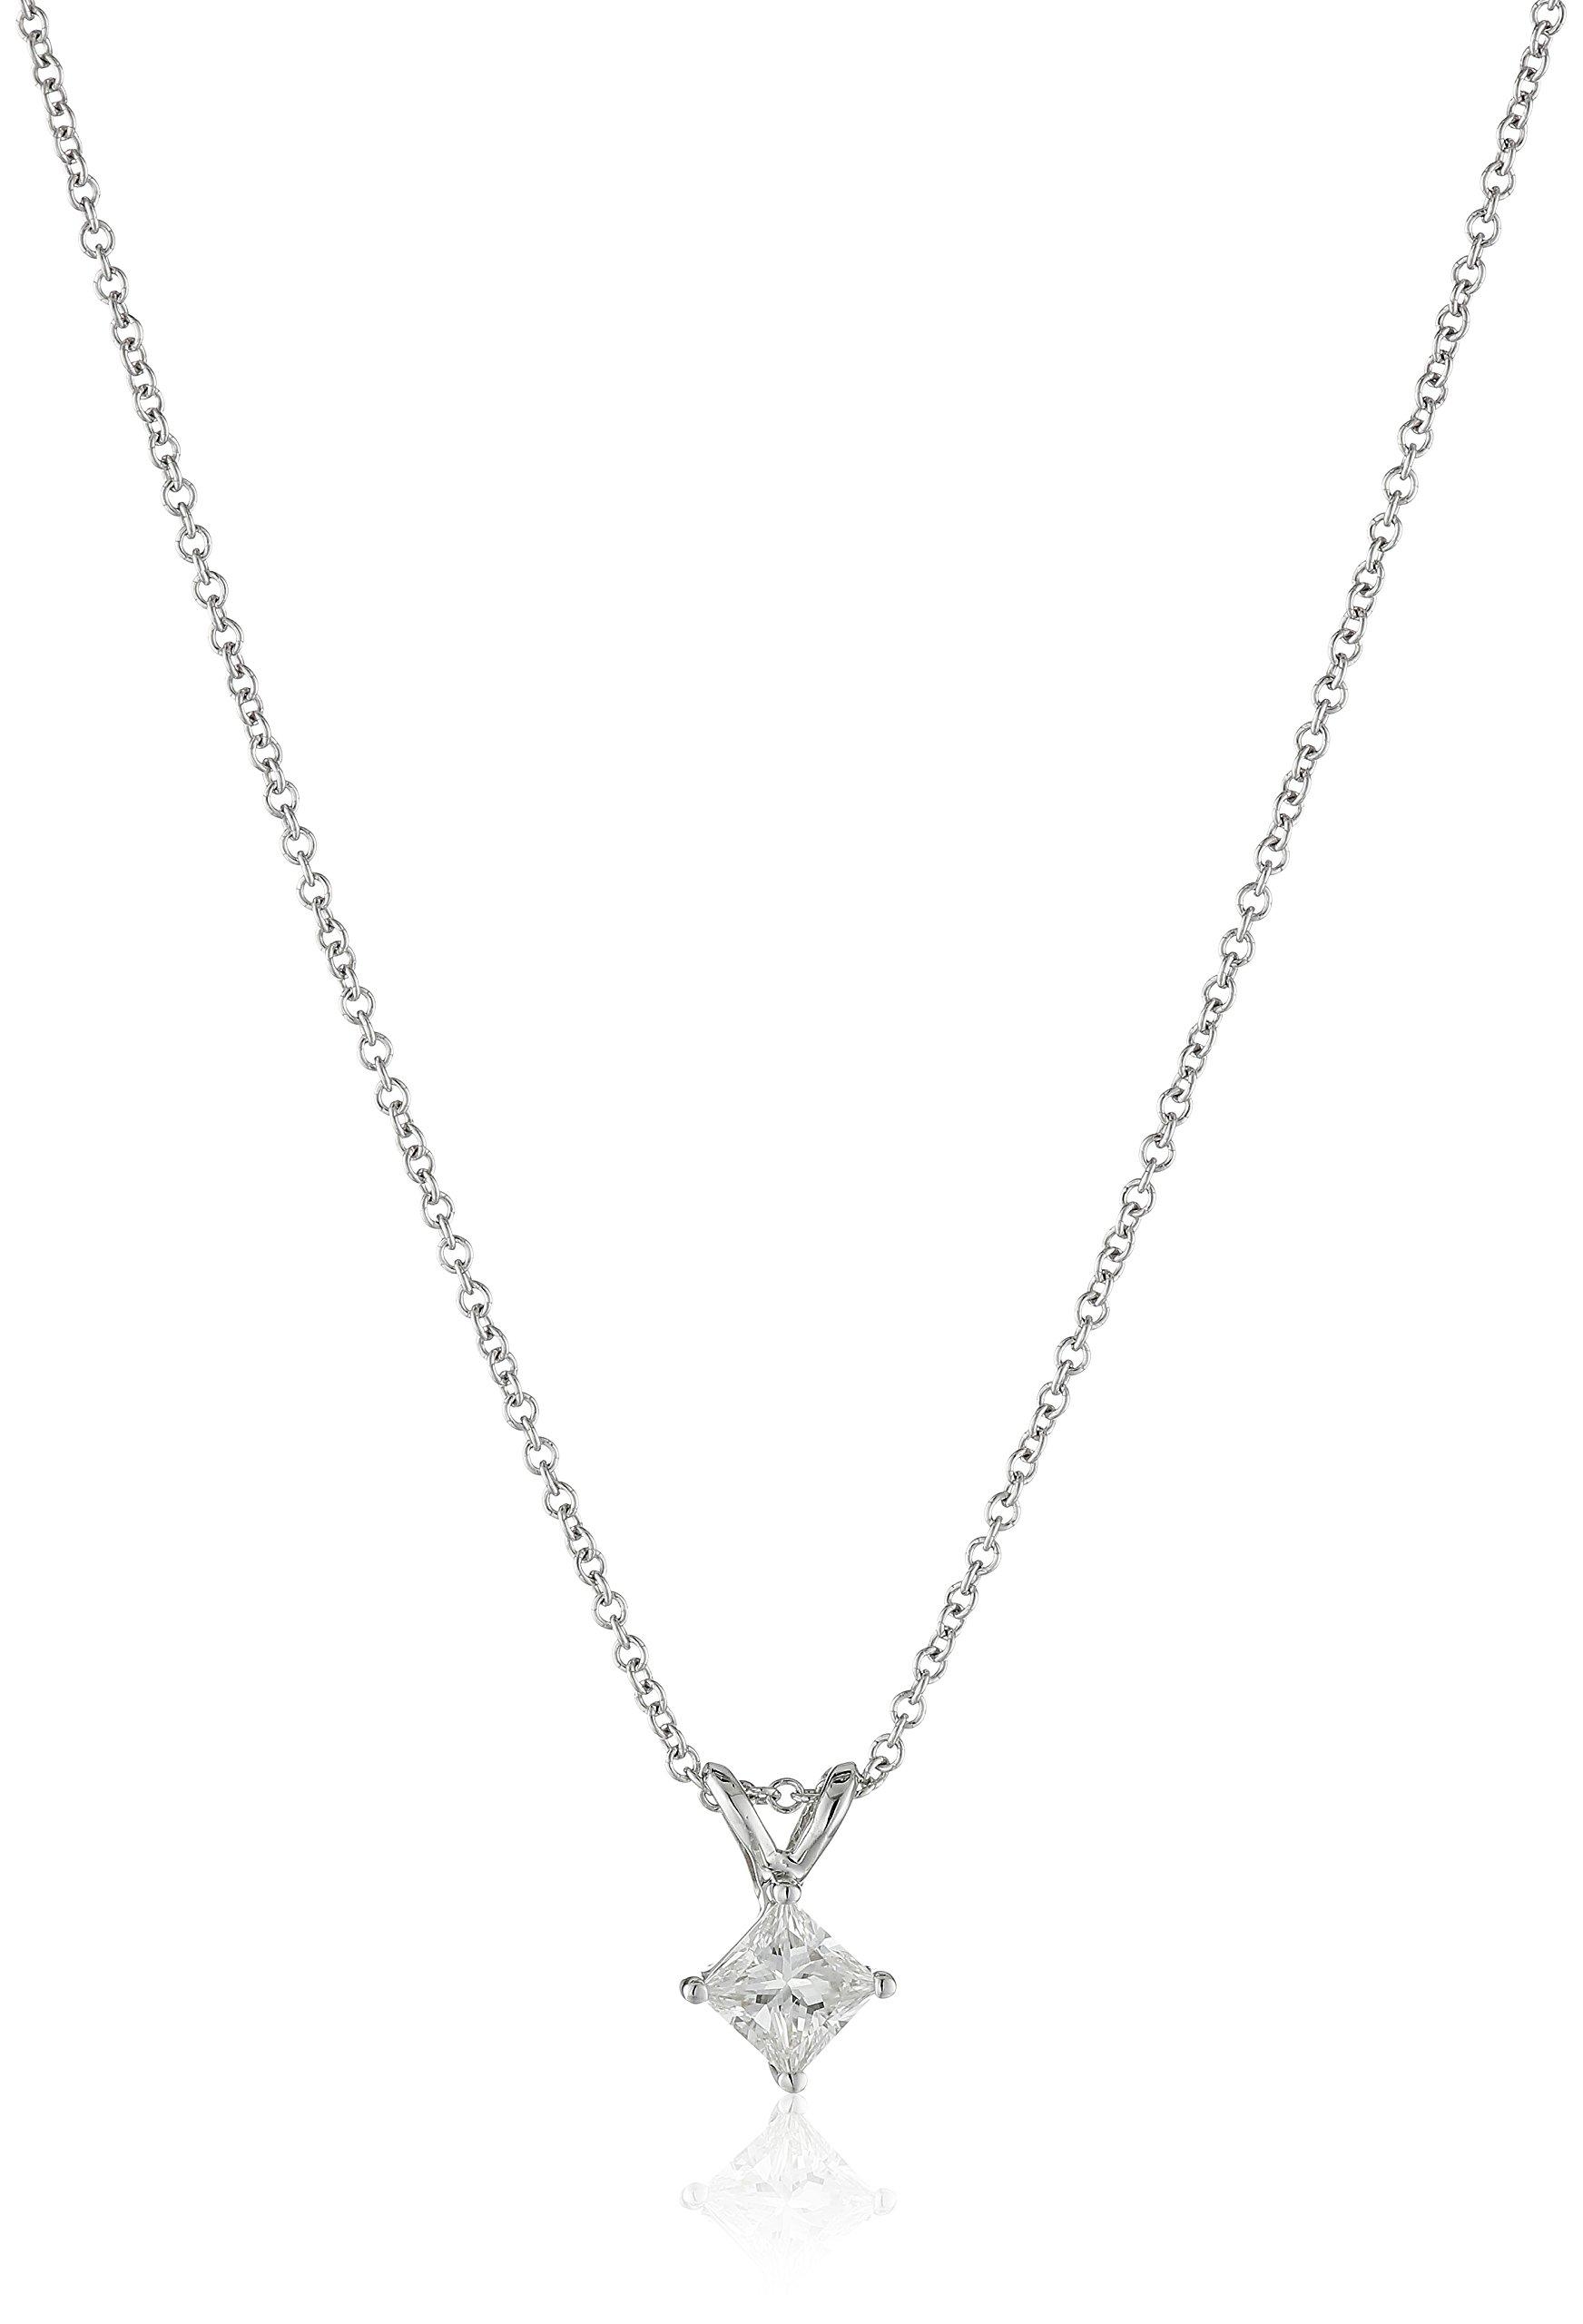 IGI Certified 18k White Gold Princess-Cut Diamond Pendant Necklace (1/3cttw, G-H Color, VS2 Clarity), 18''